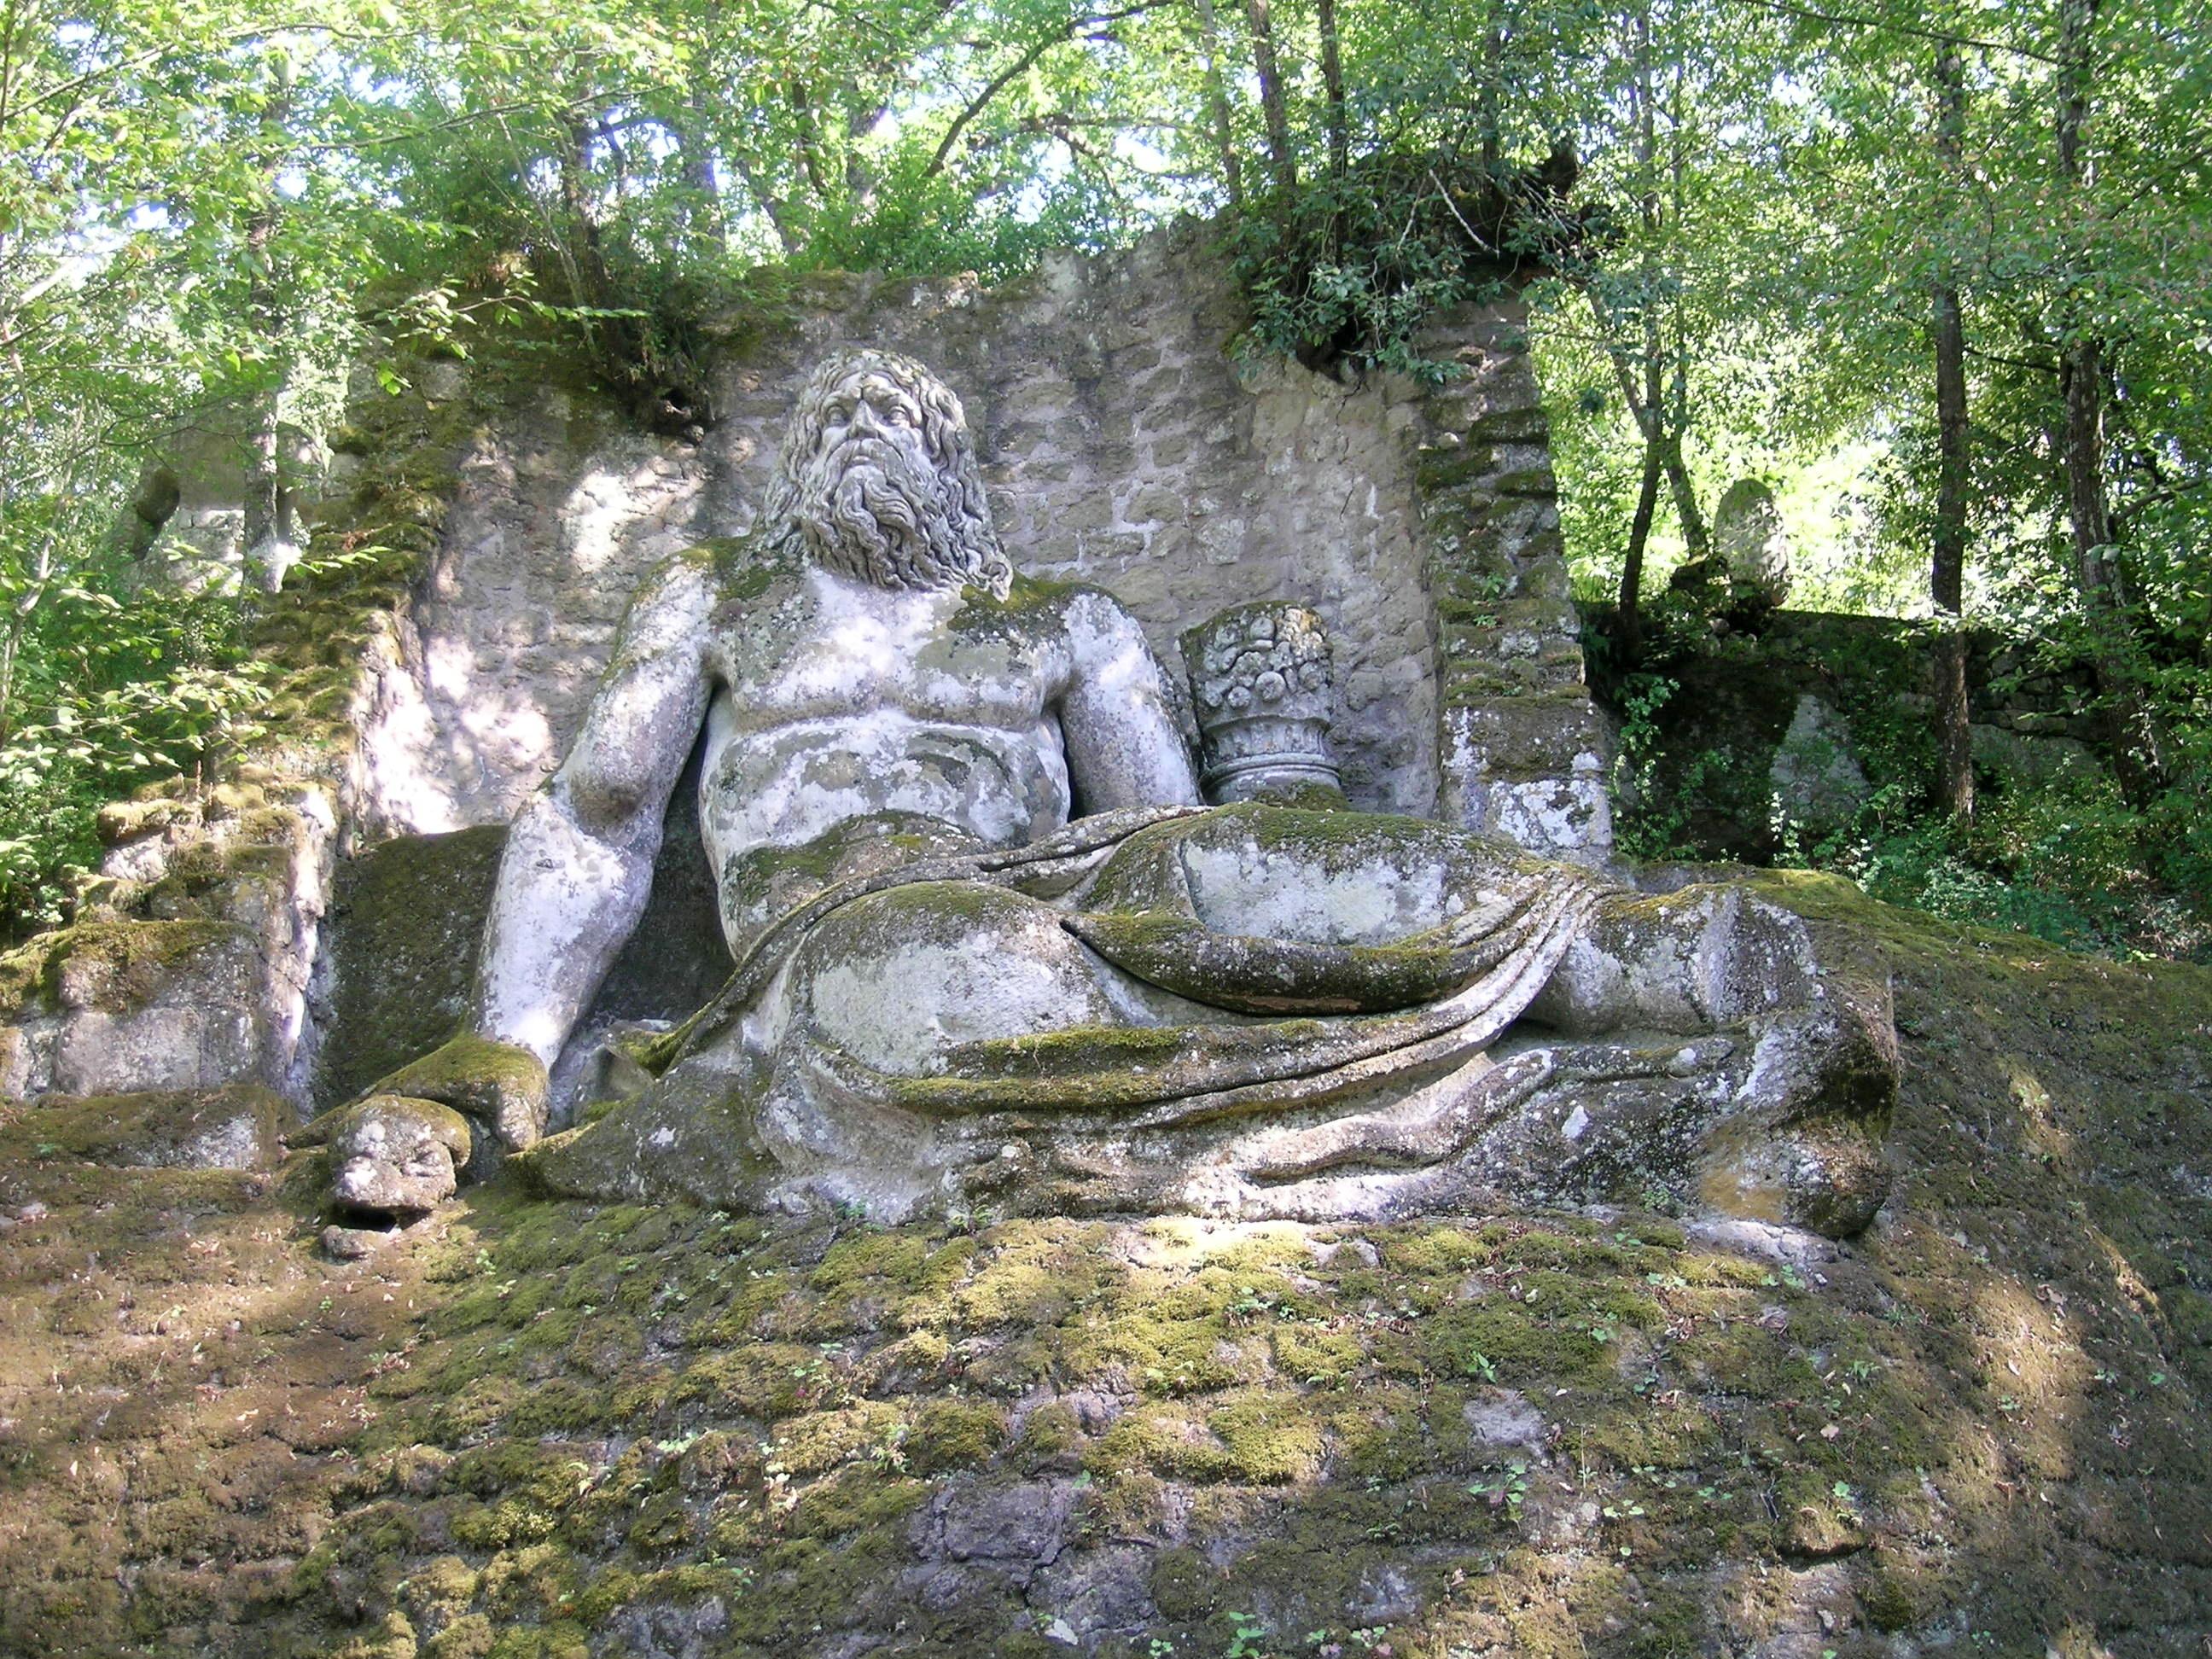 File:Bomarzo parco mostri nettuno.JPG - Wikimedia Commons